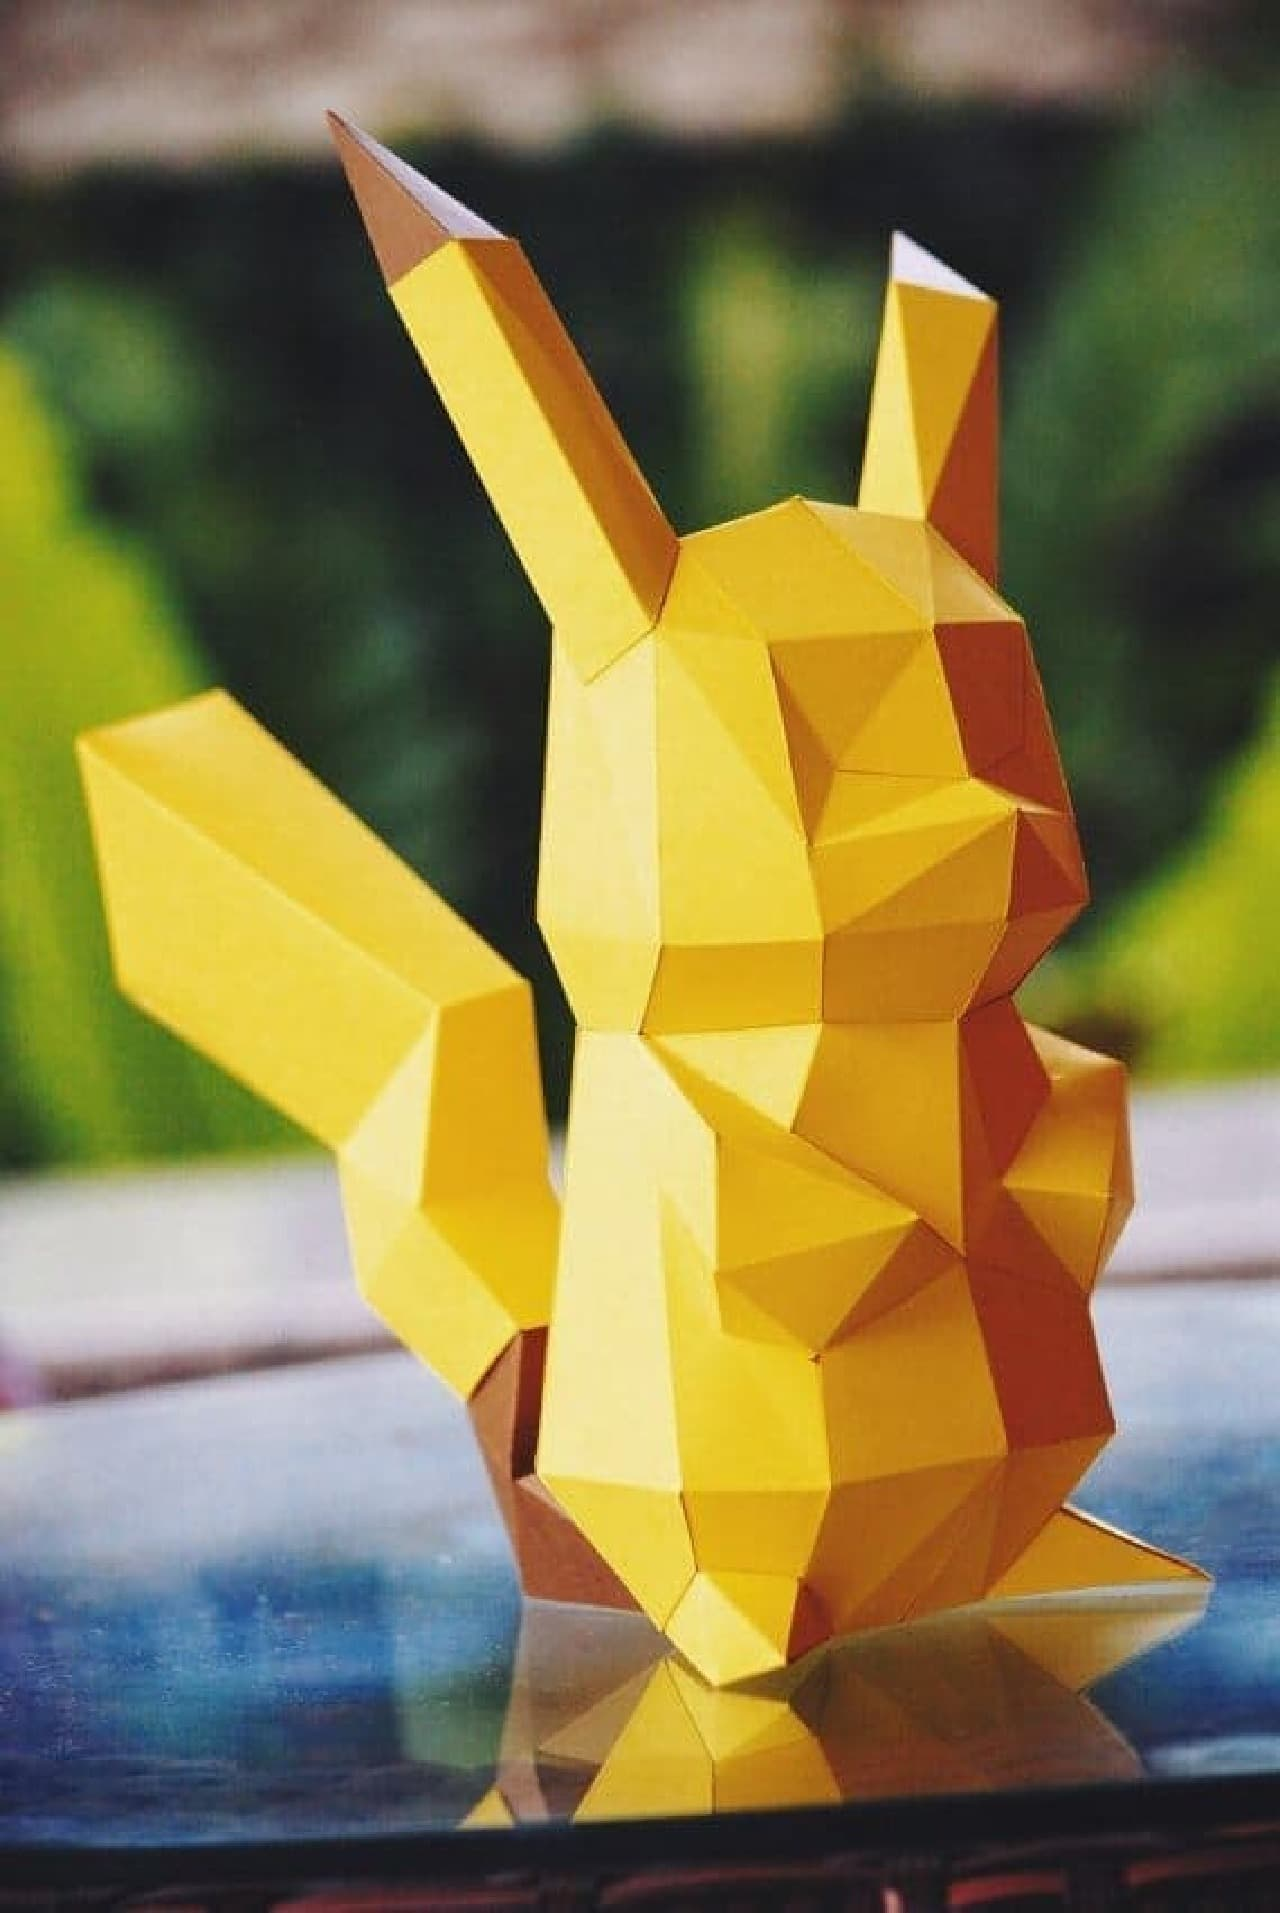 ペーパークラフトで作るポケモン「Paper craft DIY Pikachu」